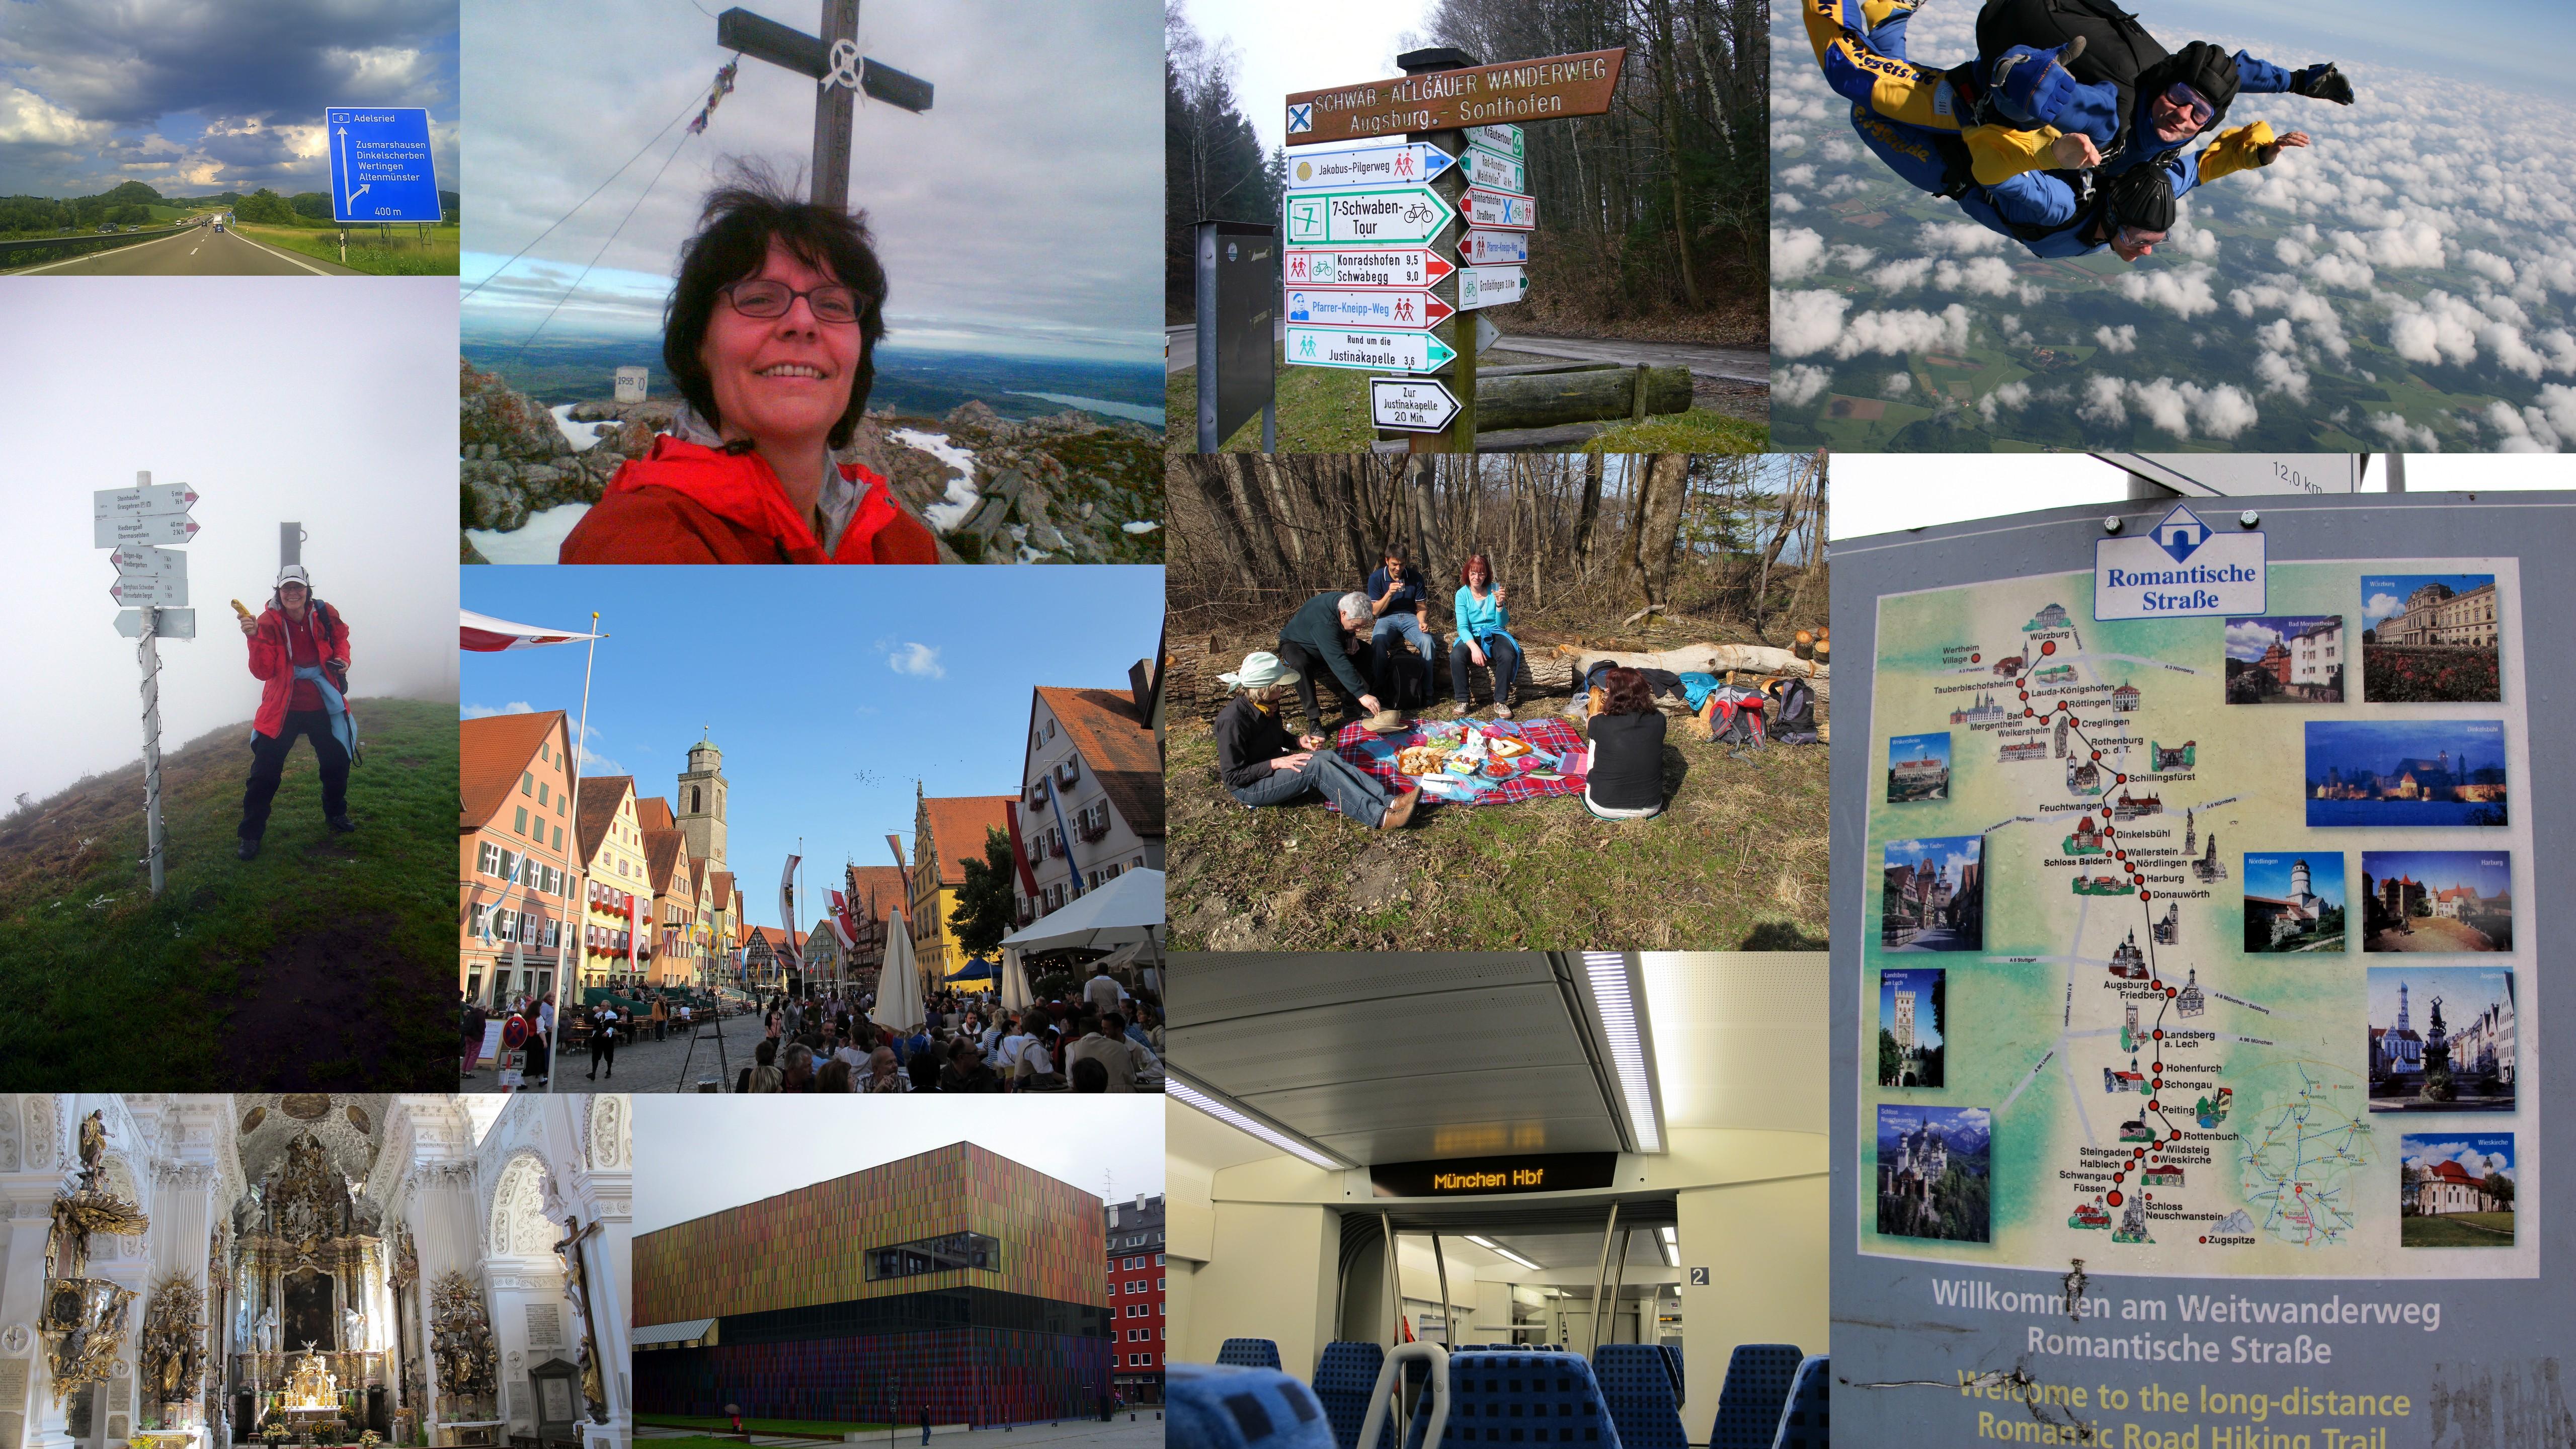 ...und dann sind da noch Ausflüge in die Berge, wandern entlang der Romantischen Straße und des bayerischen JaKobsweges, regelmäßige Ausflüge in die Landeshauptstadt, Museumsbesuche, regionale Festivitäten, das Land auf der Straße und aus der Luft!